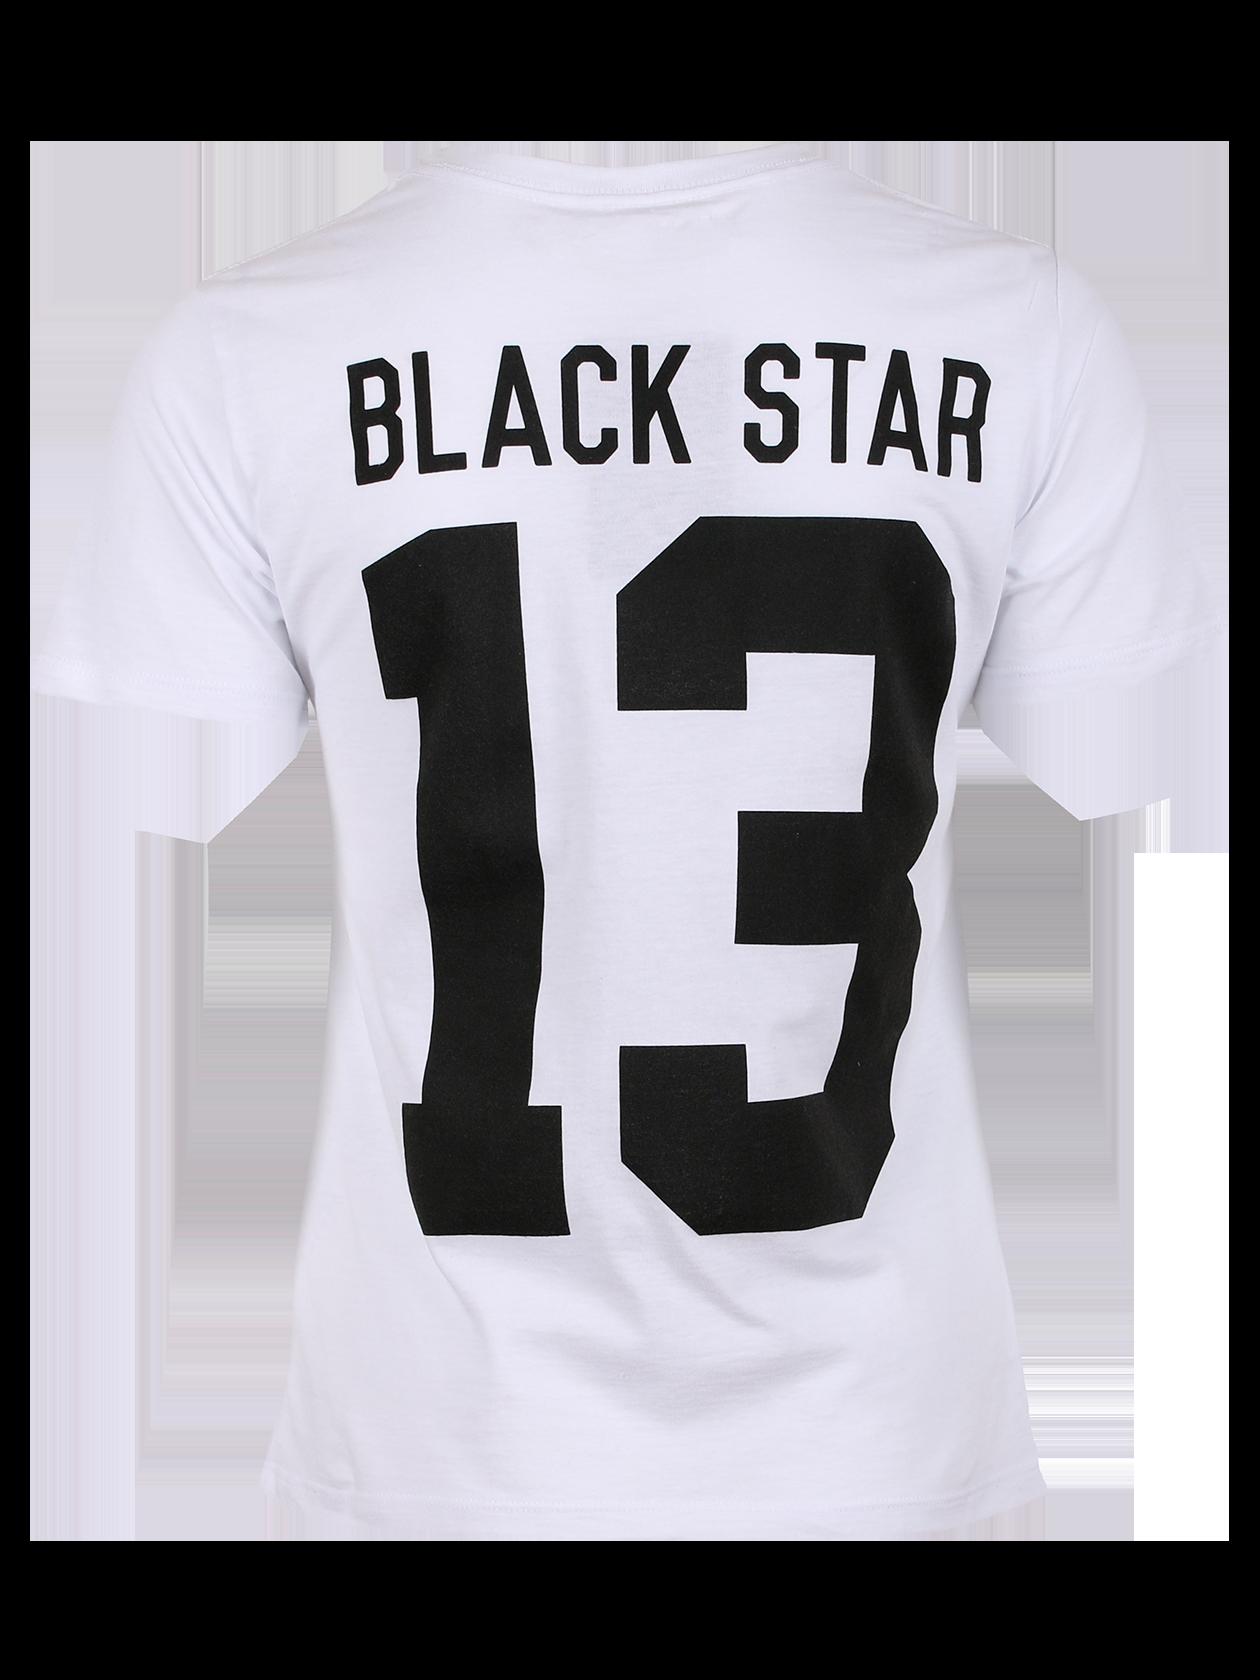 Футболка женская BLACK STAR 13Футболка женская Black Star 13 из новой линии одежды Basic – прекрасный выбор для создания стиля на каждый день. Модель представлена в базовых расцветках – белой и черной, дополнена крупной надписью на спине Black Star 13. Дизайн лаконичный, крой классический с прямыми линиями, полусвободный силуэт. Премиальный натуральный хлопок гарантирует удобство и комфорт. Специальная демократичная цена изделия вас приятно удивит.<br><br>Размер: S<br>Цвет: Белый<br>Пол: Женский